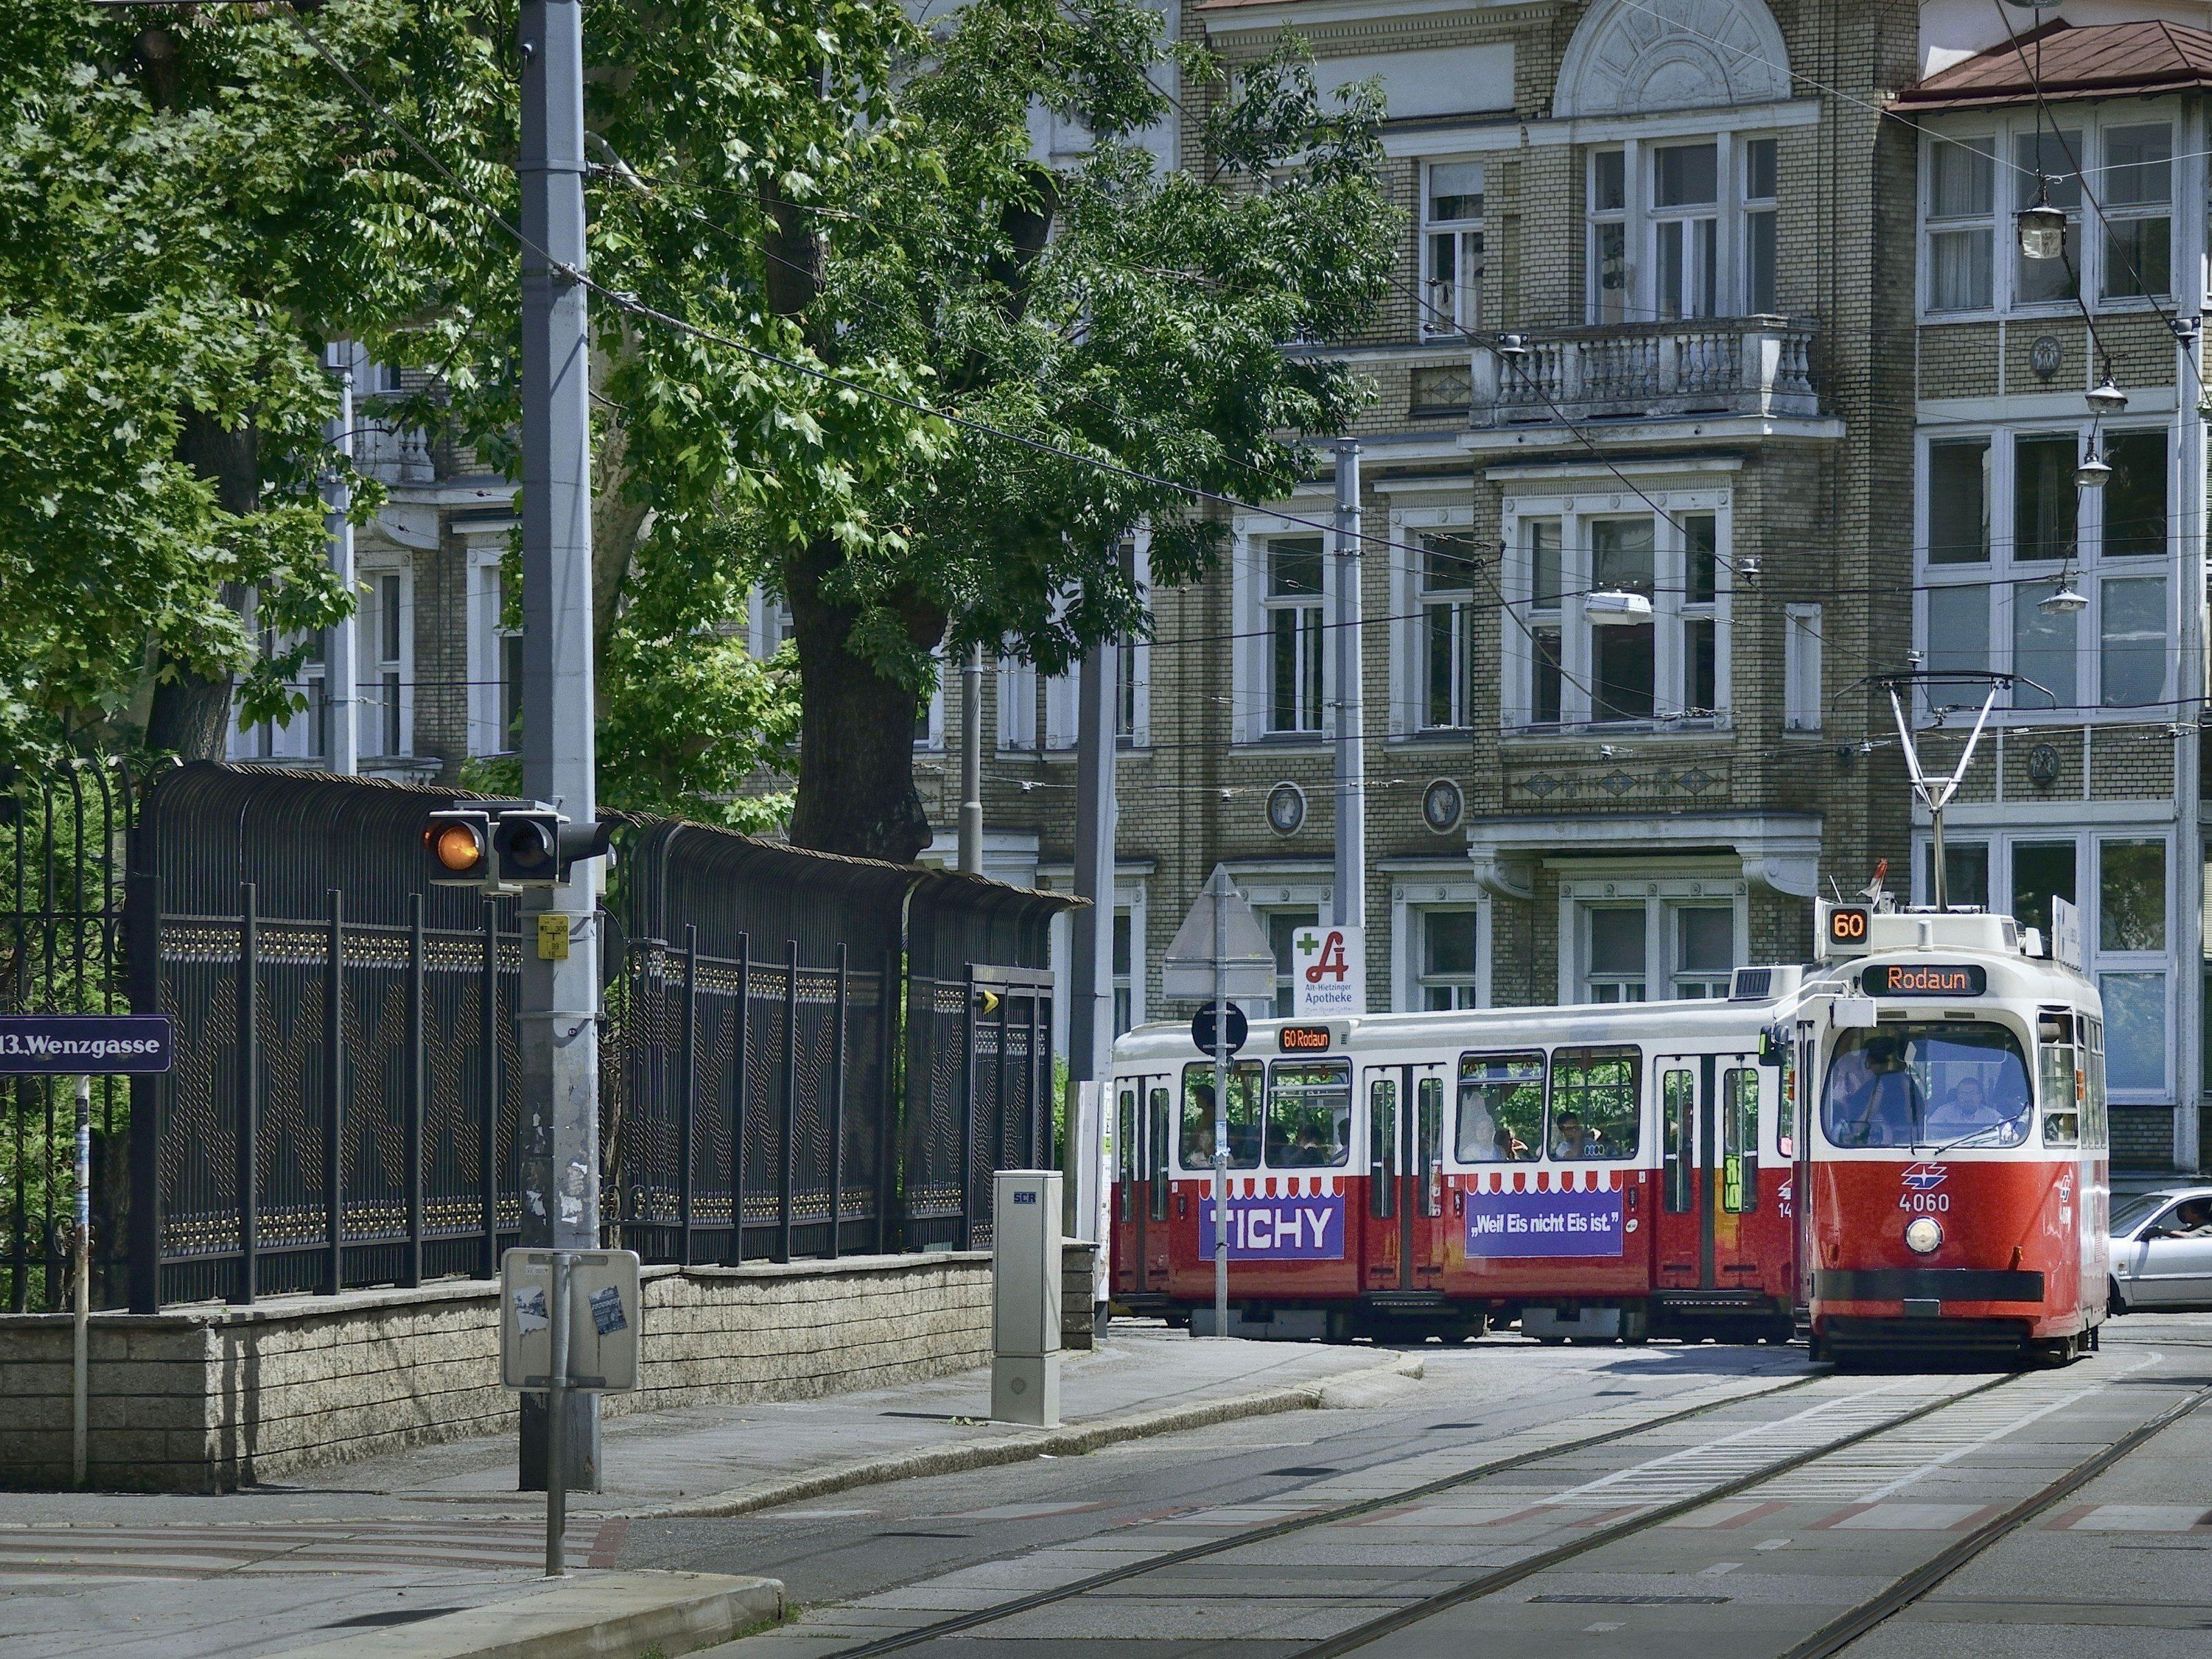 Eine Straßenbahn der Linie 60 wurde entführt